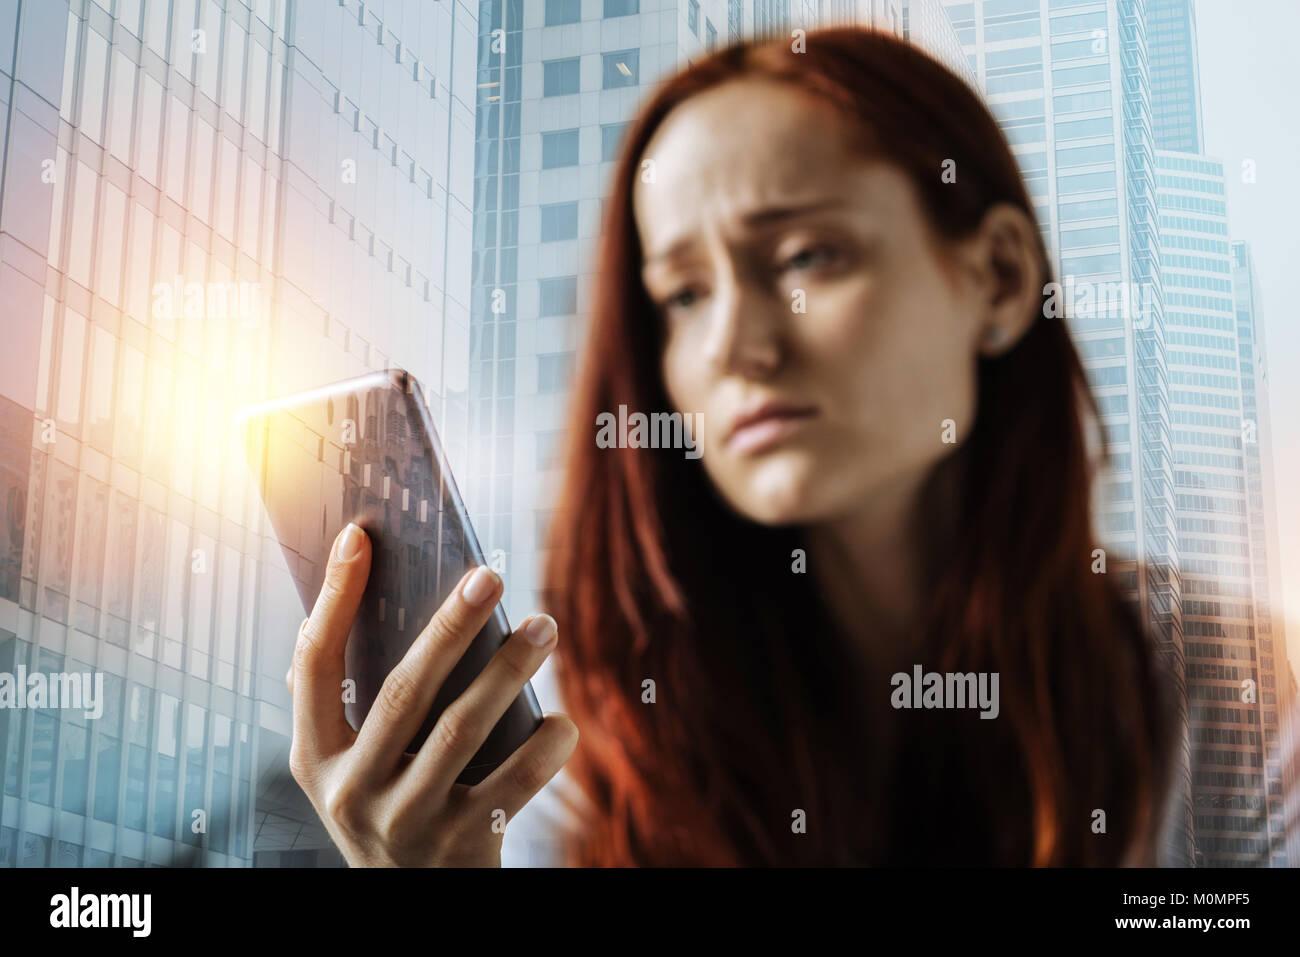 Unglücklich rothaarige Frau mit Handy und es zu verwenden. Stockbild